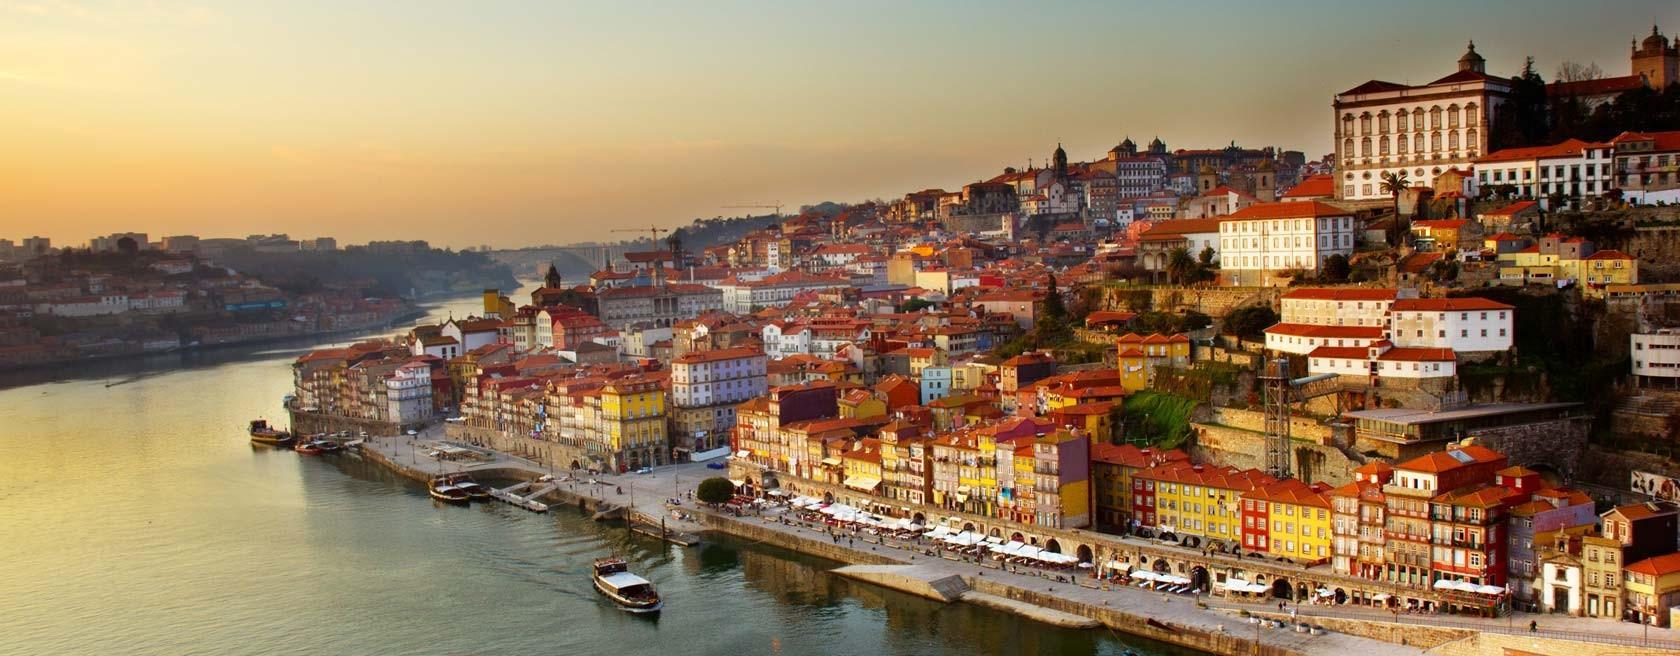 Odkrycie Porto